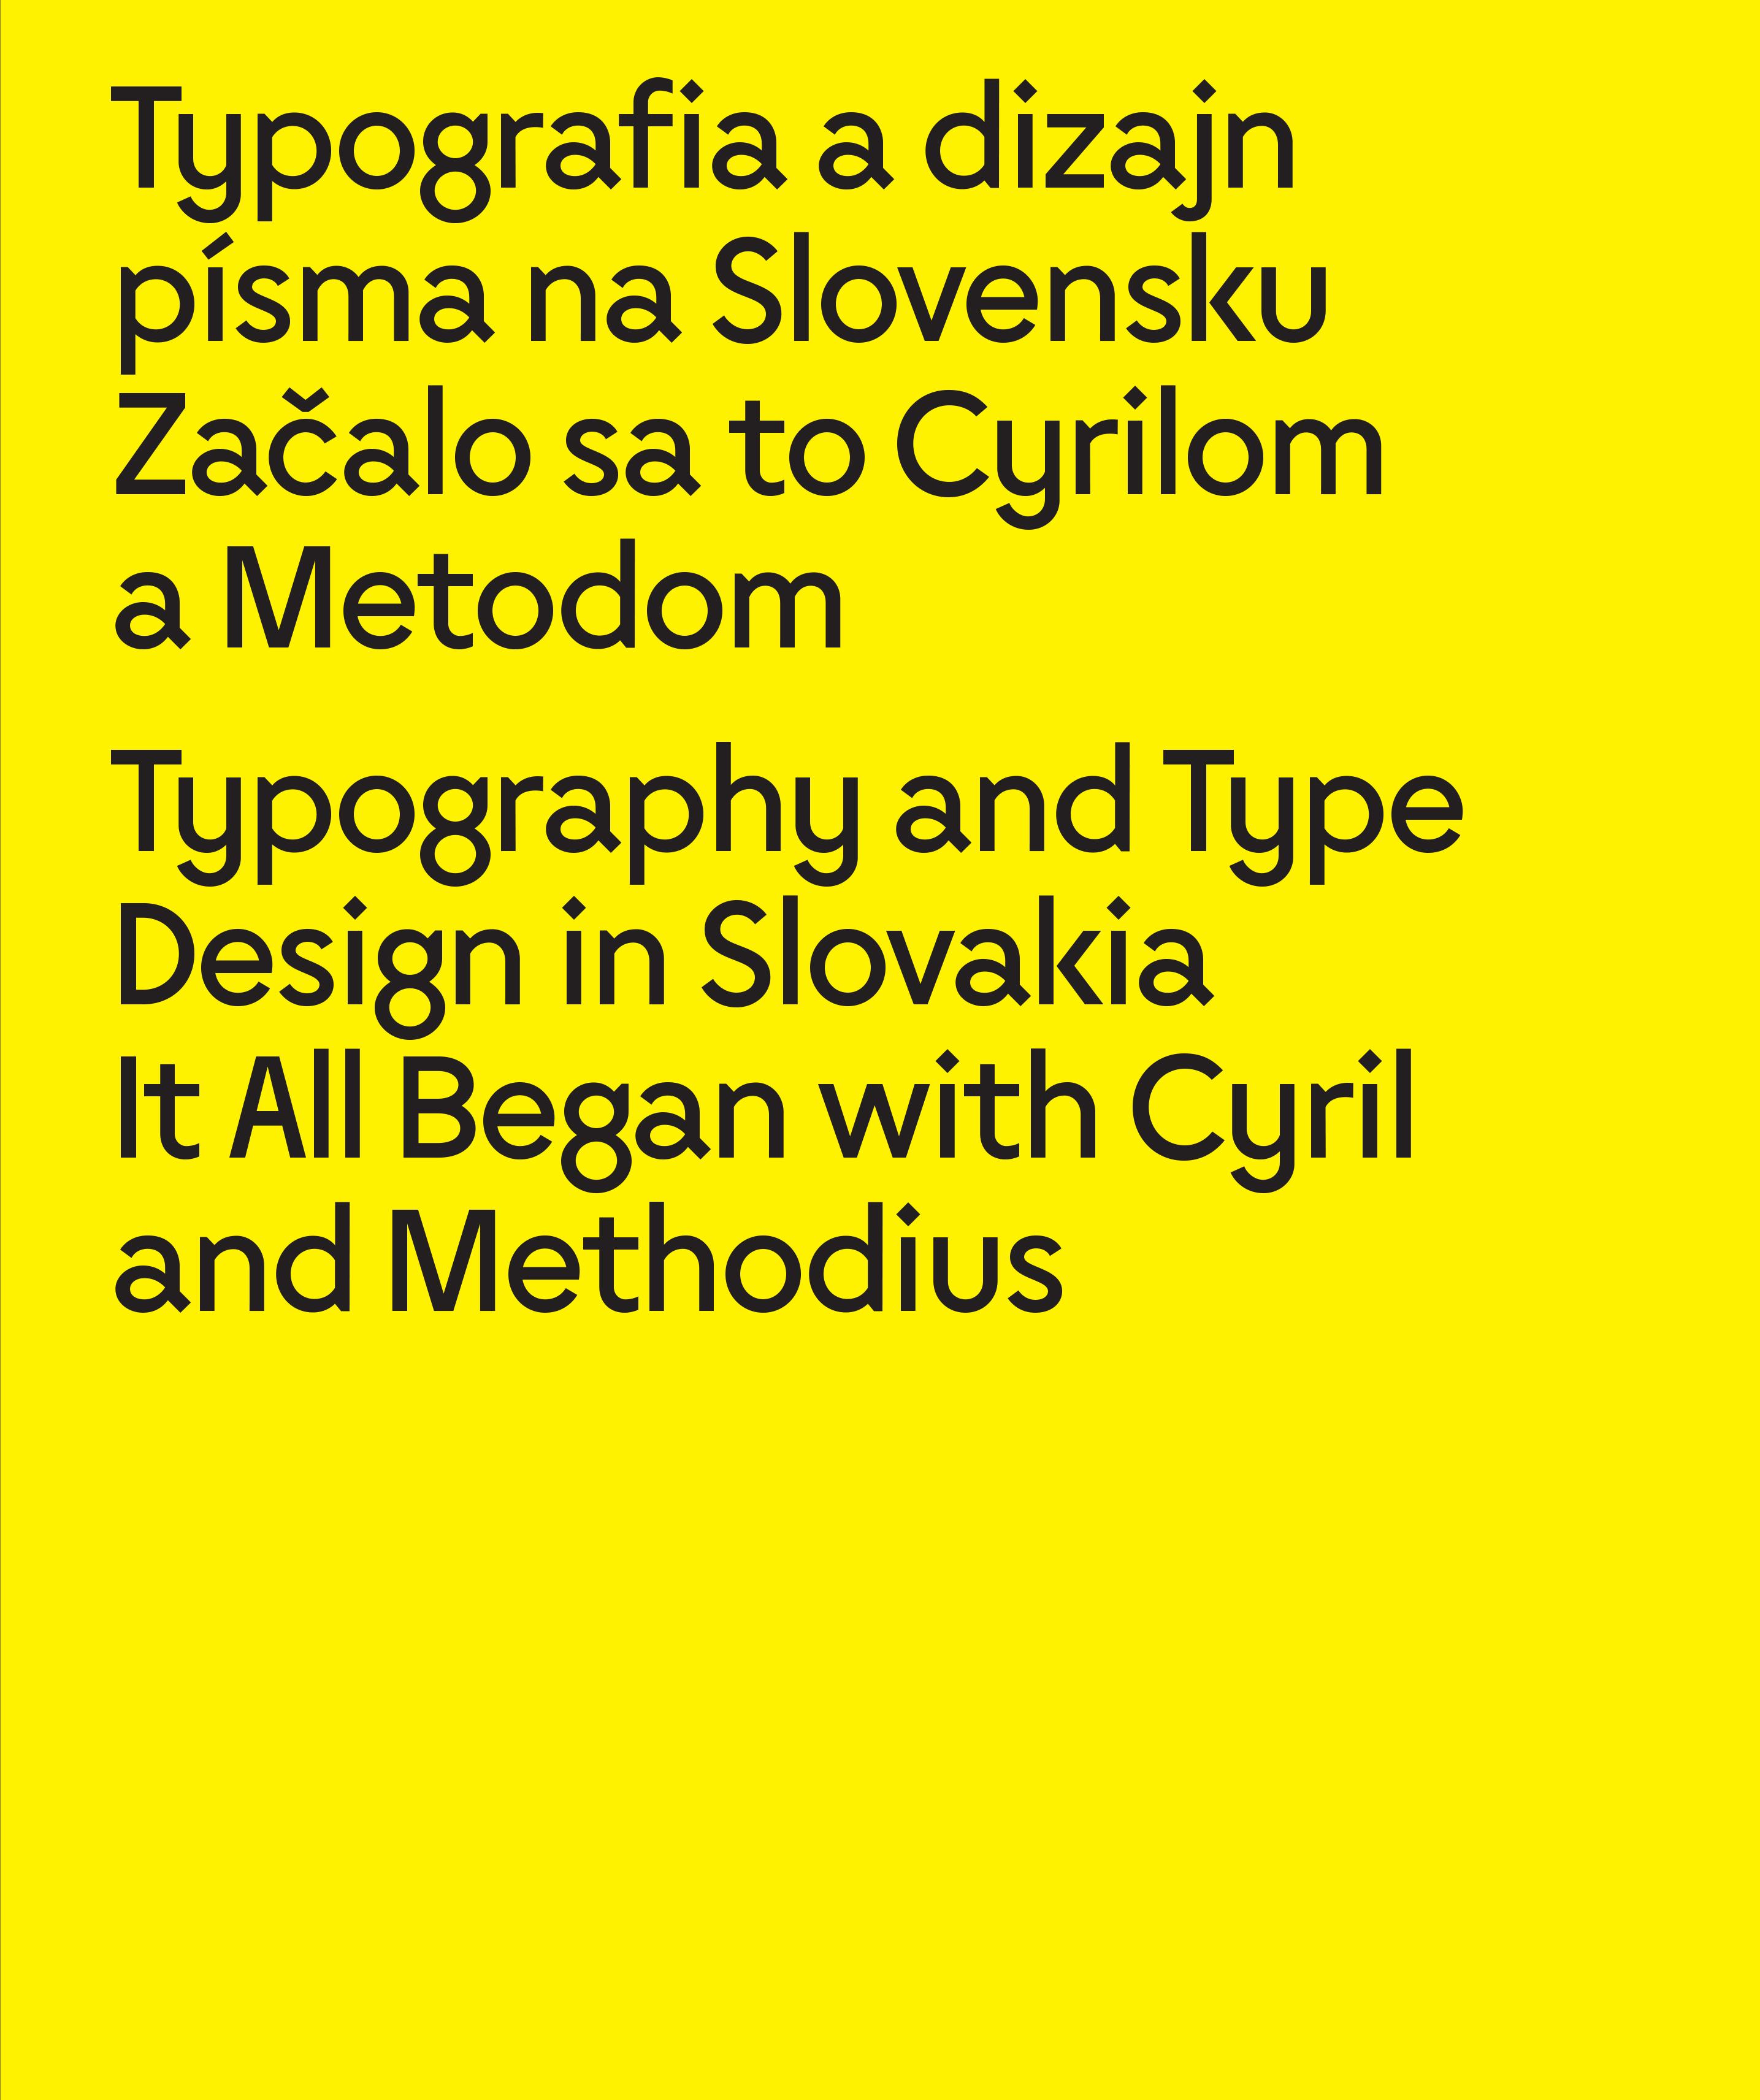 Typografia a dizajn písma na Slovensku Začalo sa to Cyrilom a Metodom